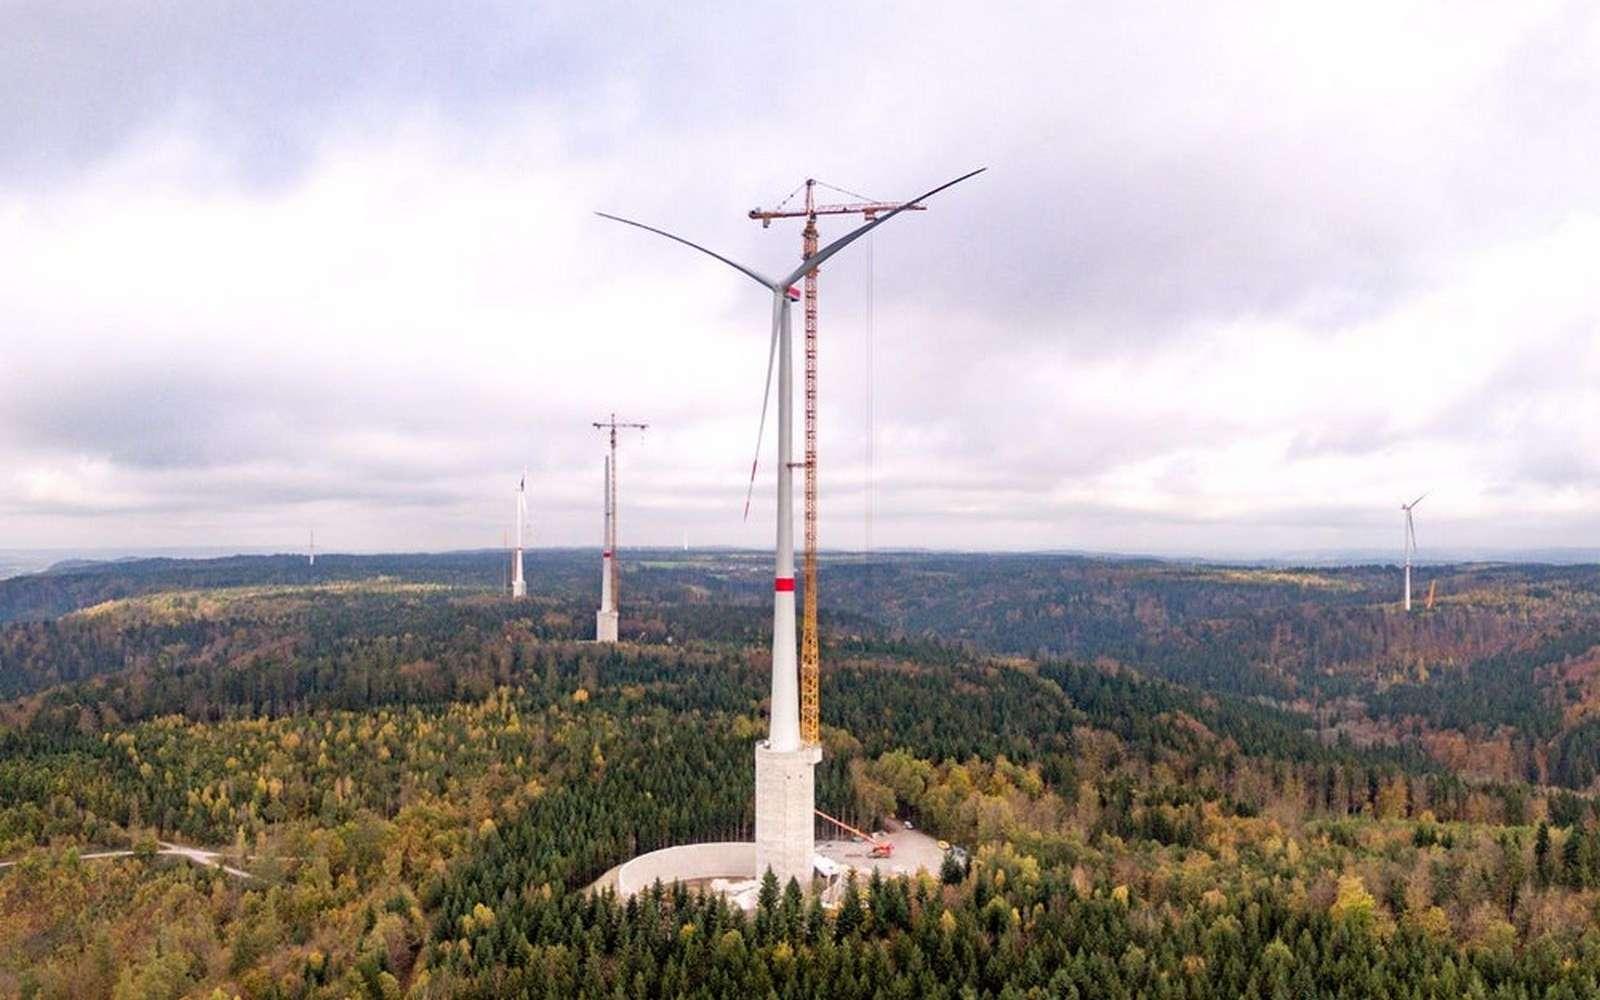 Les quatre éoliennes installées à Gaildorf (Allemagne) sont posées sur des réservoirs d'eau qui alimentent une station hydroélectrique. Ce sont les plus hautes éoliennes du monde. © Max Bögl Wind